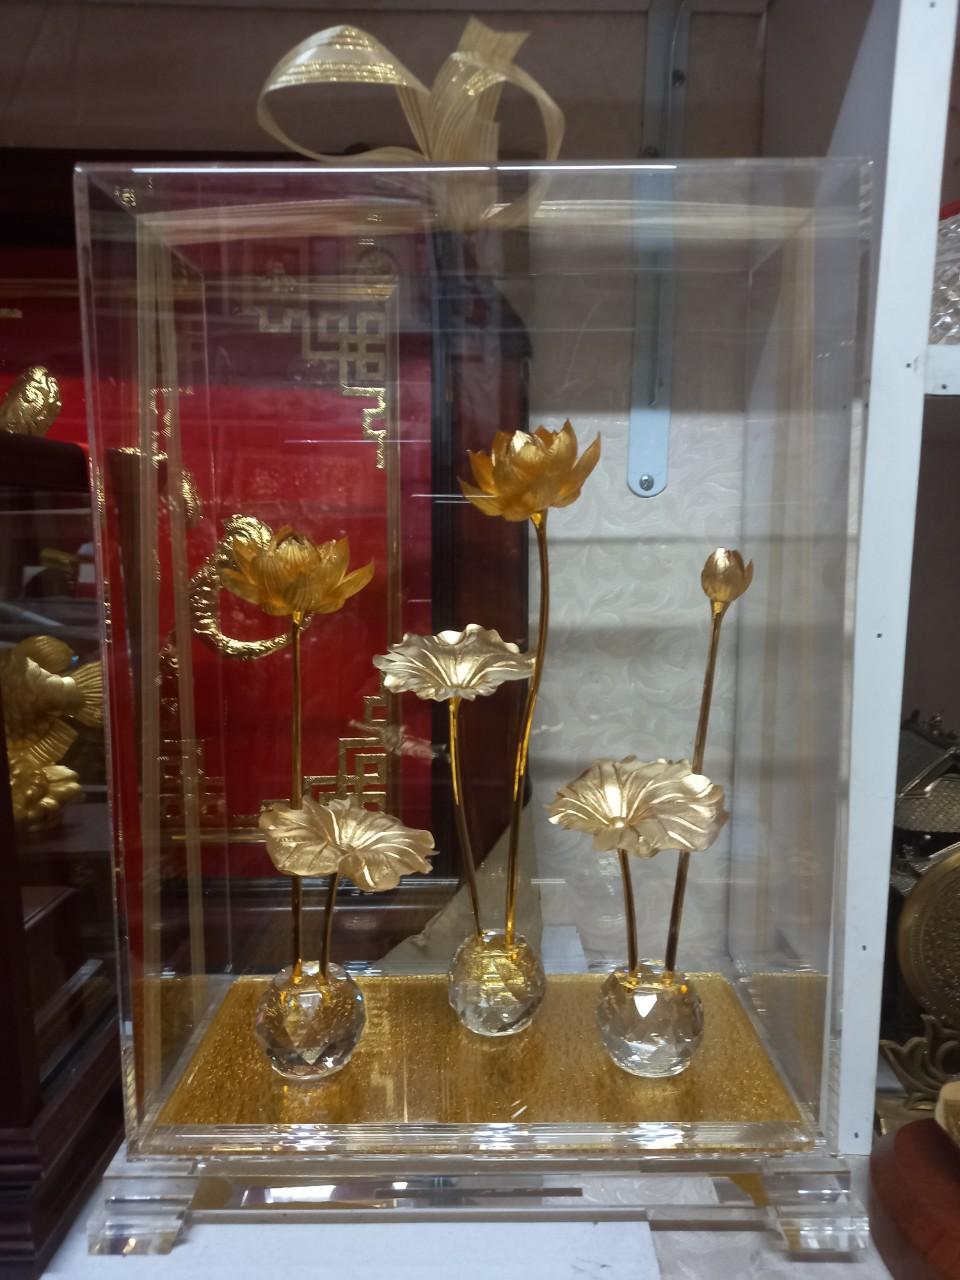 Biểu Trưng Cây Hoa Sen Mạ Vàng Đẹp Tinh Xảo